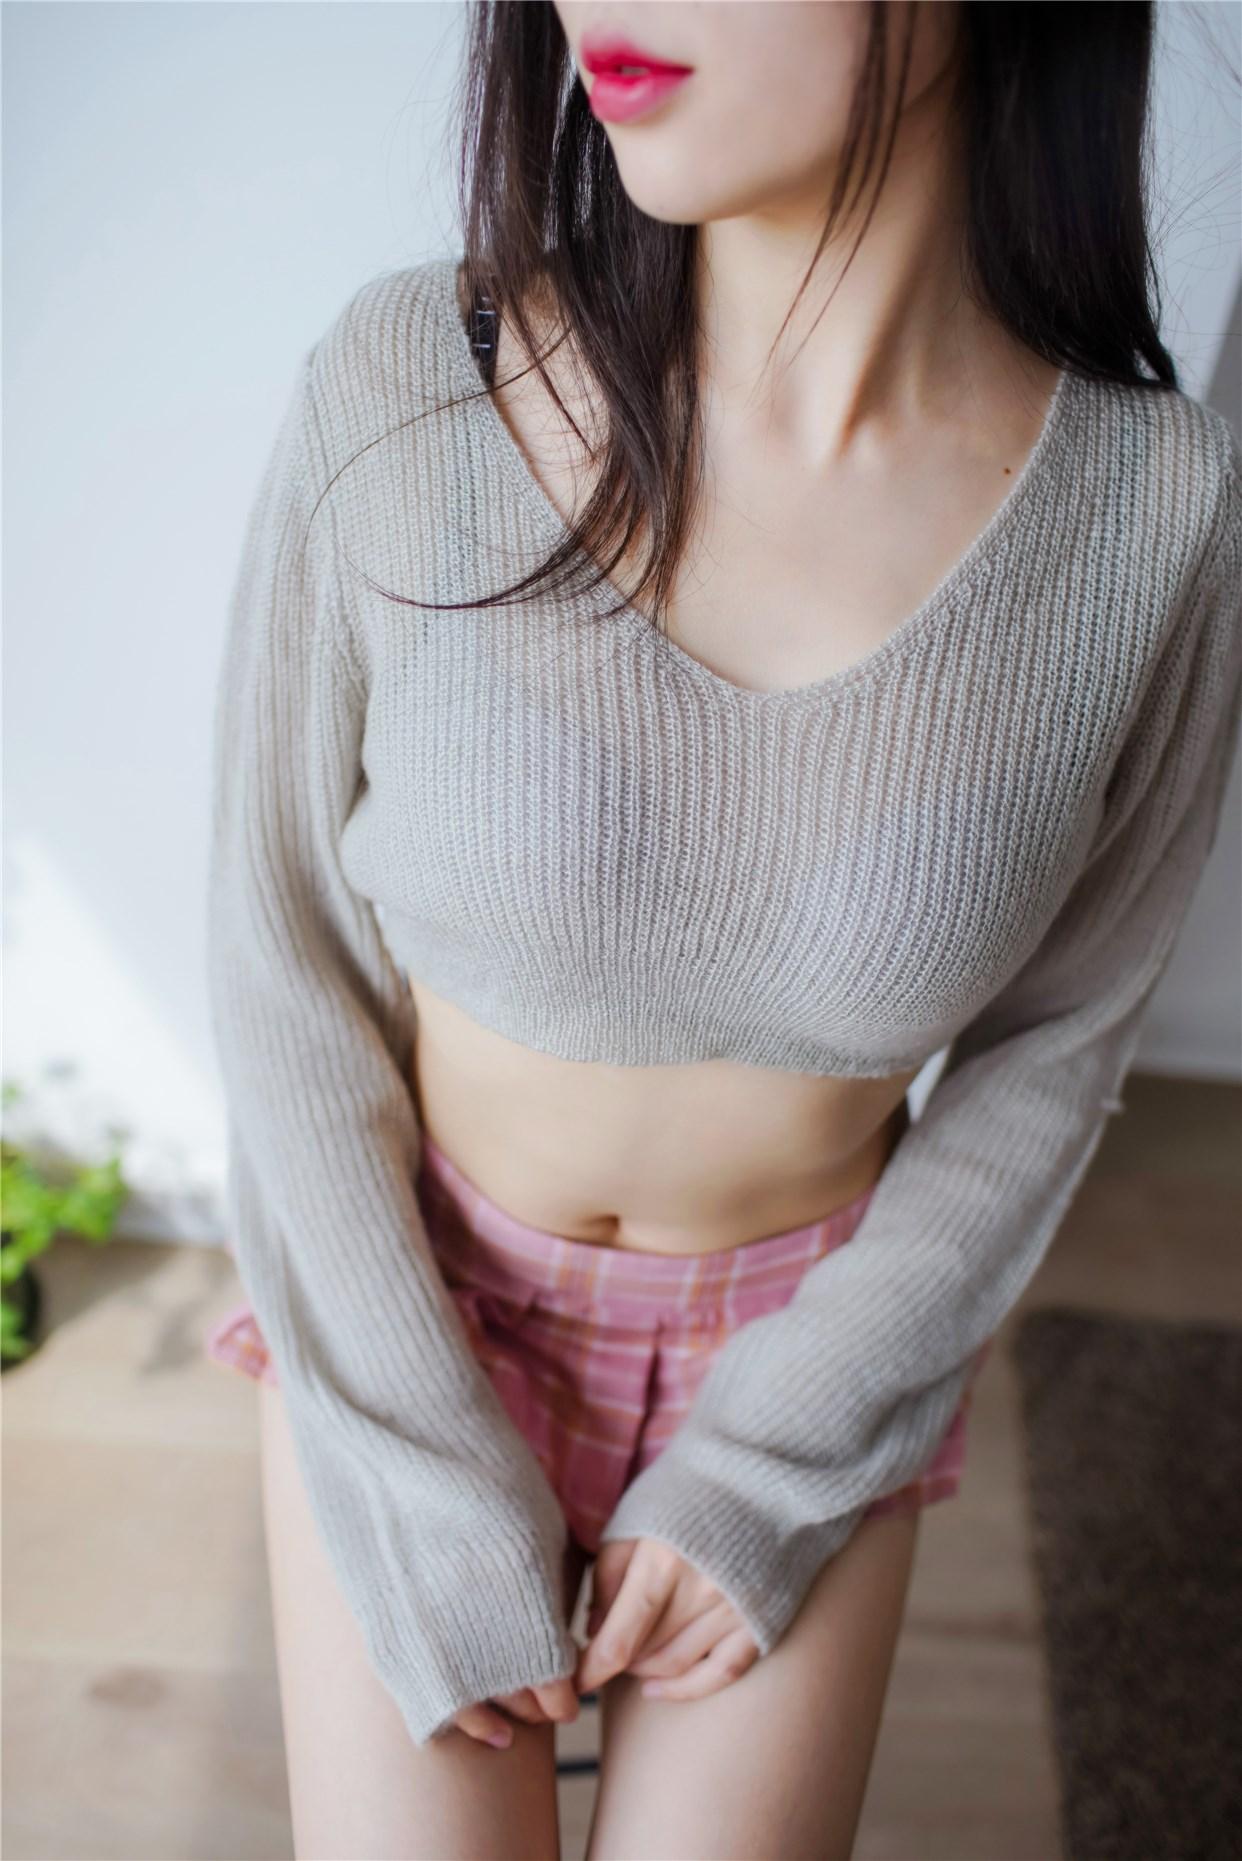 【兔玩映画】毛衣短裙 兔玩映画 第1张